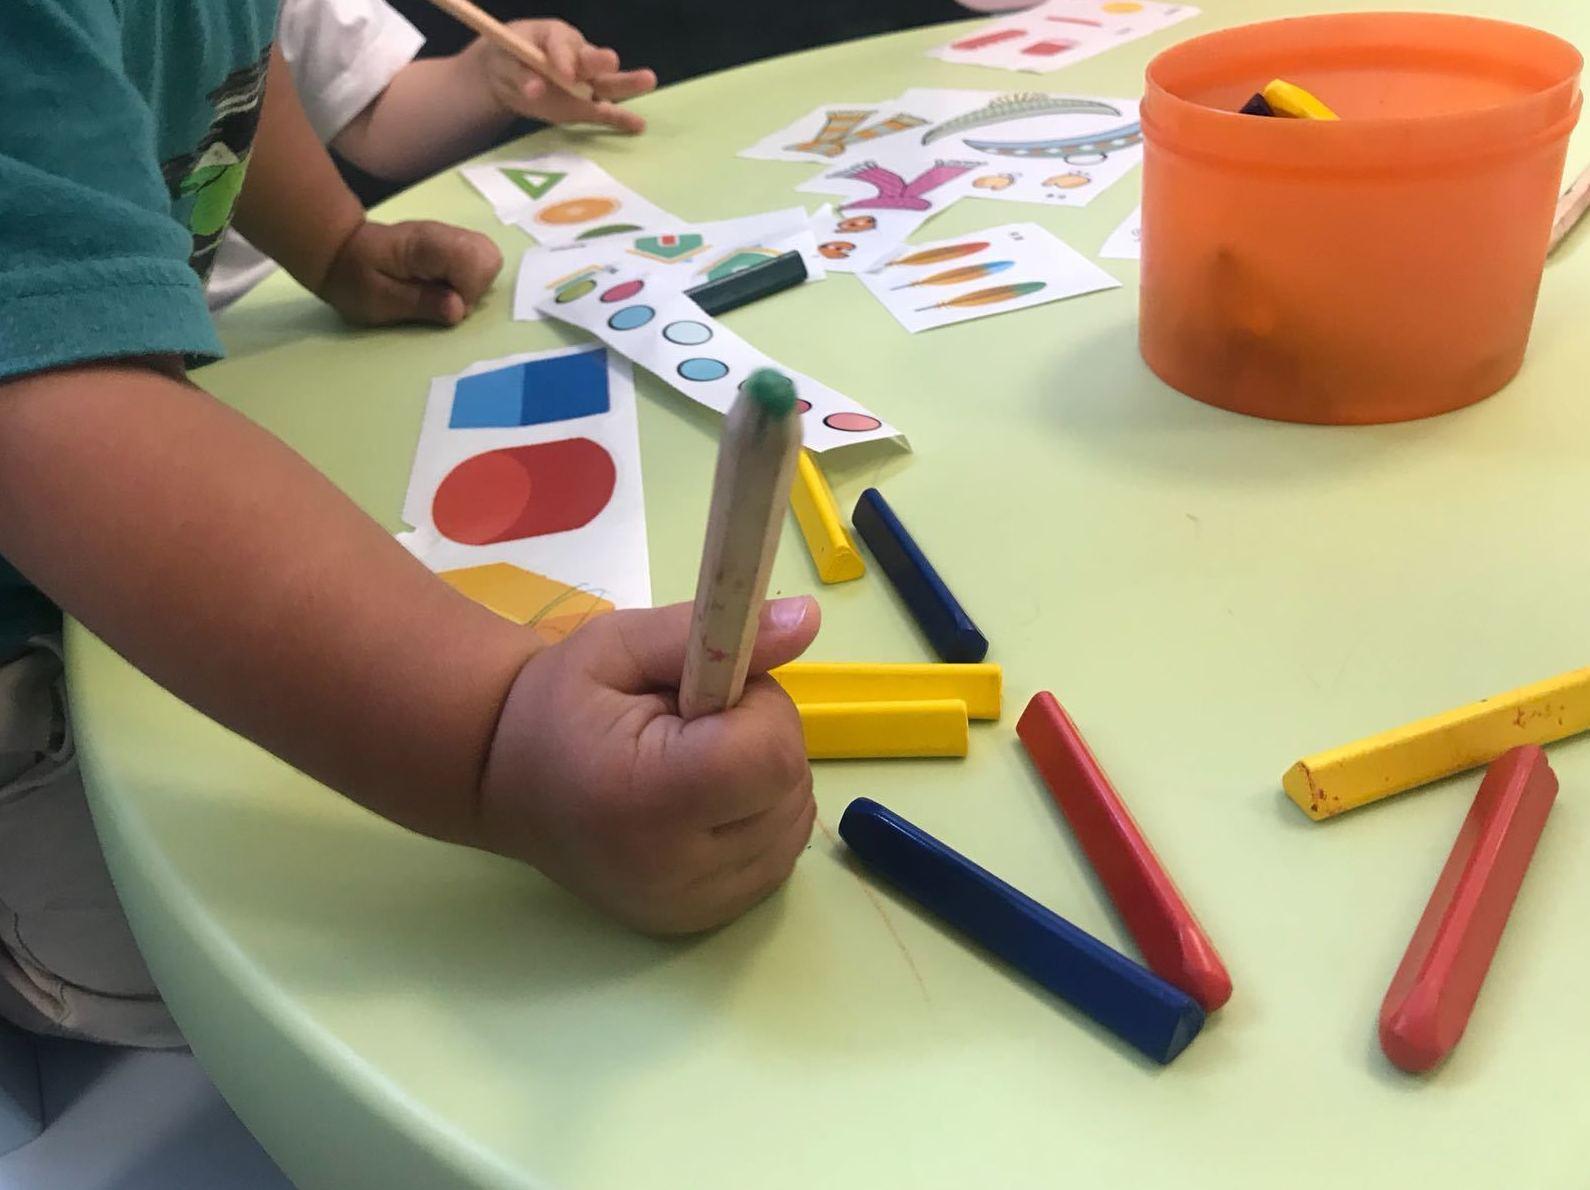 Foto 11 de Escuelas infantiles en Las Palmas de Gran Canaria | Centro Infantil Mi Mundo de Colores